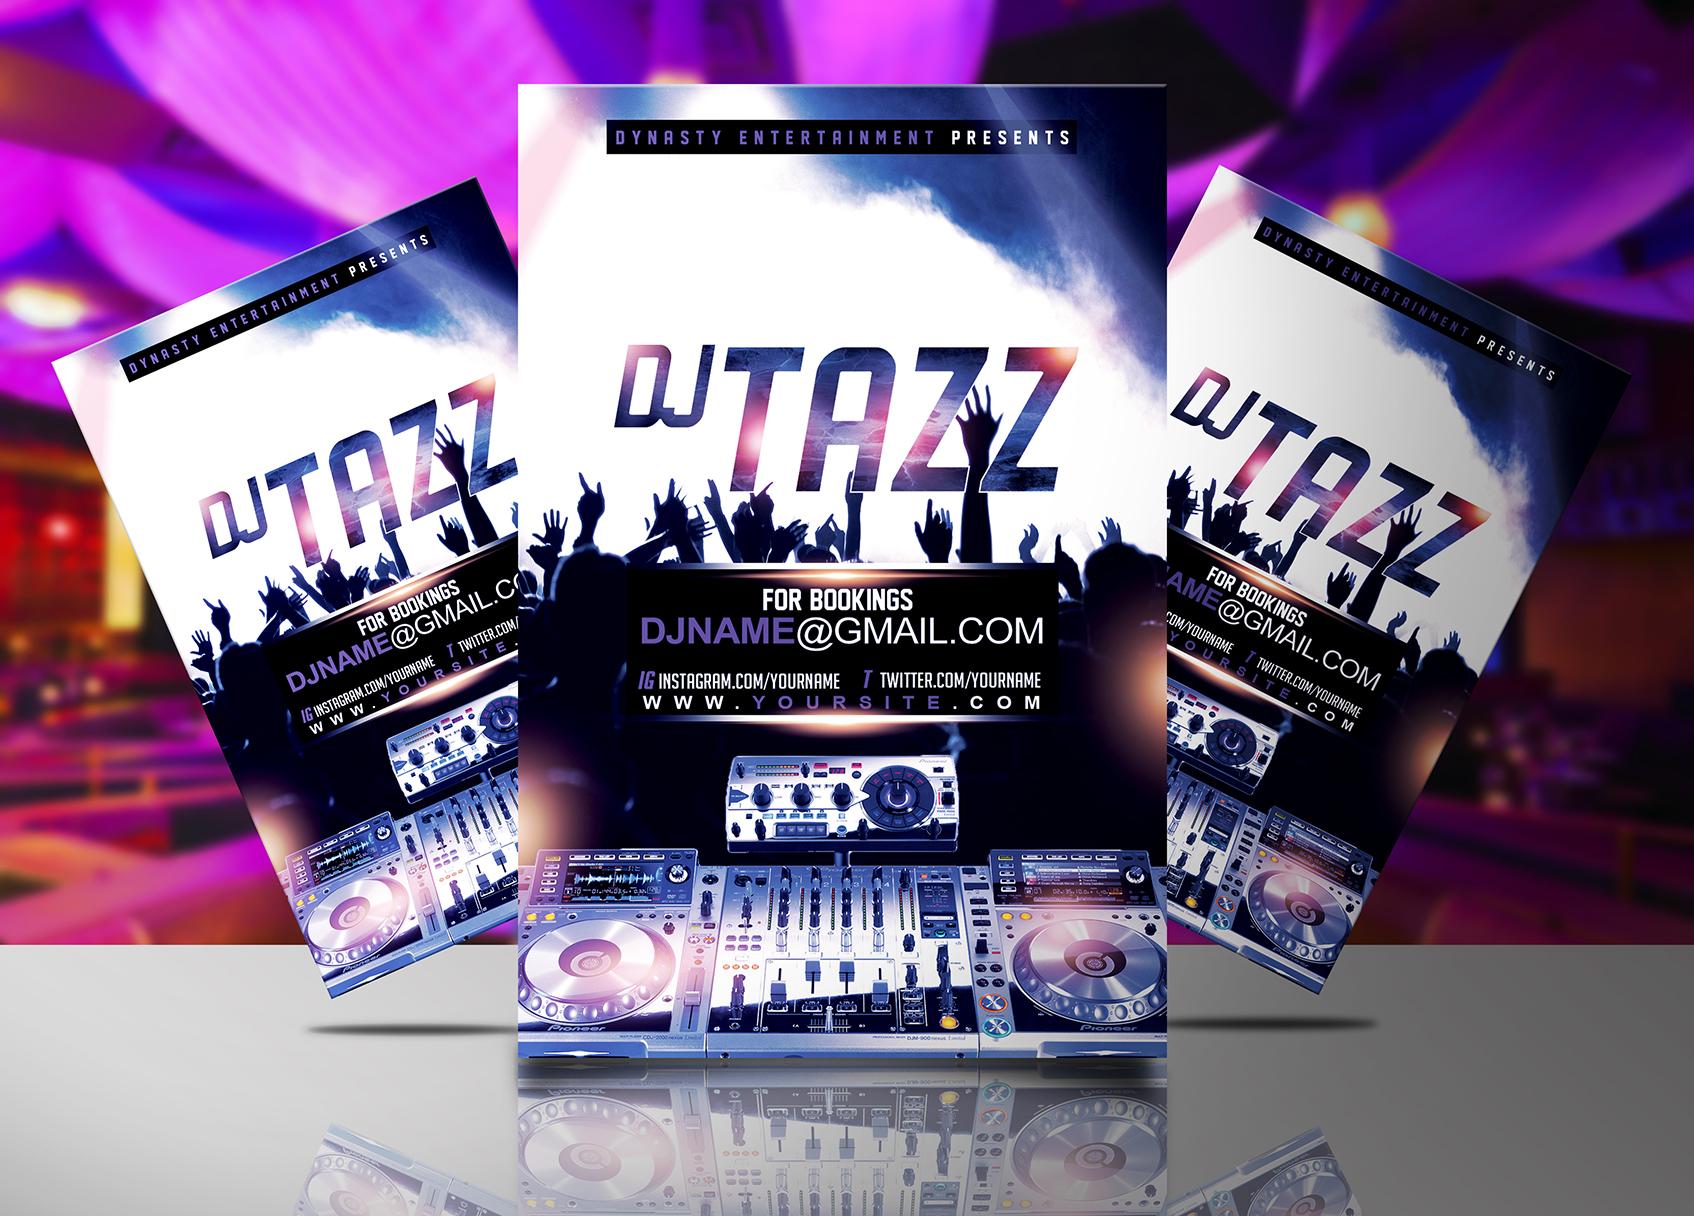 DJ Tazz Flyer Template   Streetz Myestro Beats